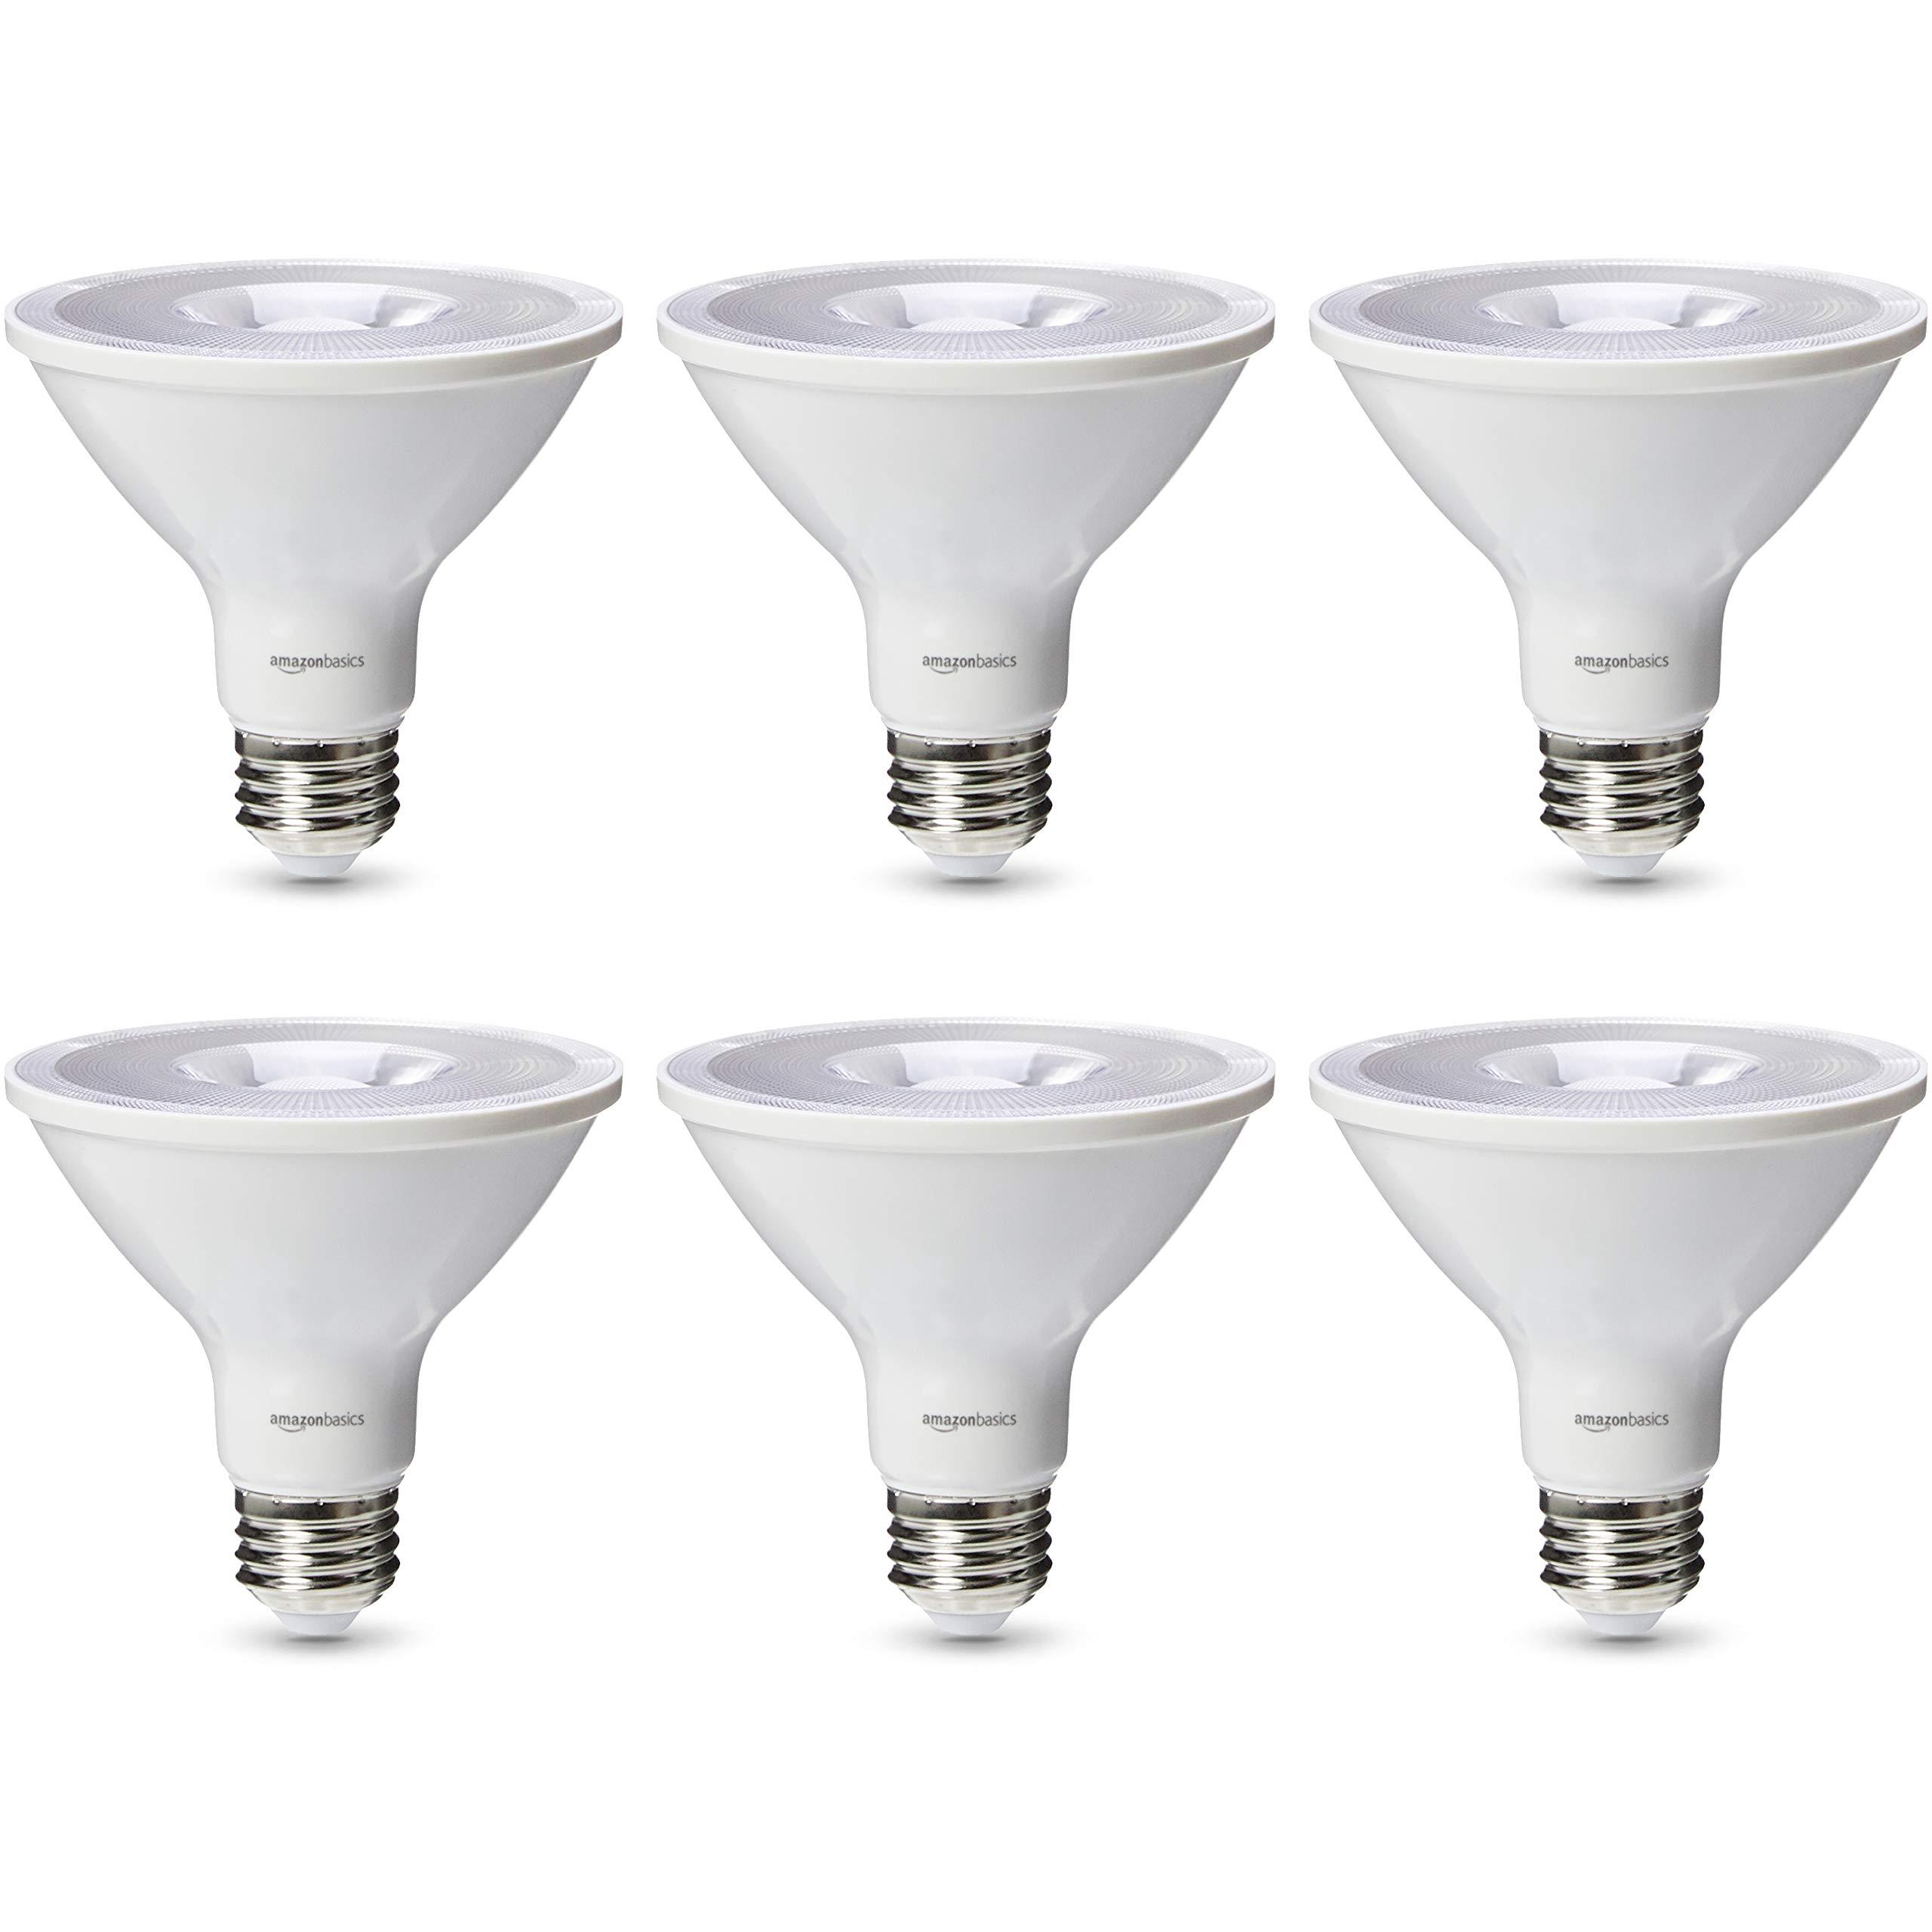 AmazonBasics Commercial Grade LED Light Bulb | 75-Watt Equivalent, PAR30S, Soft White, Dimmable, 6-Pack